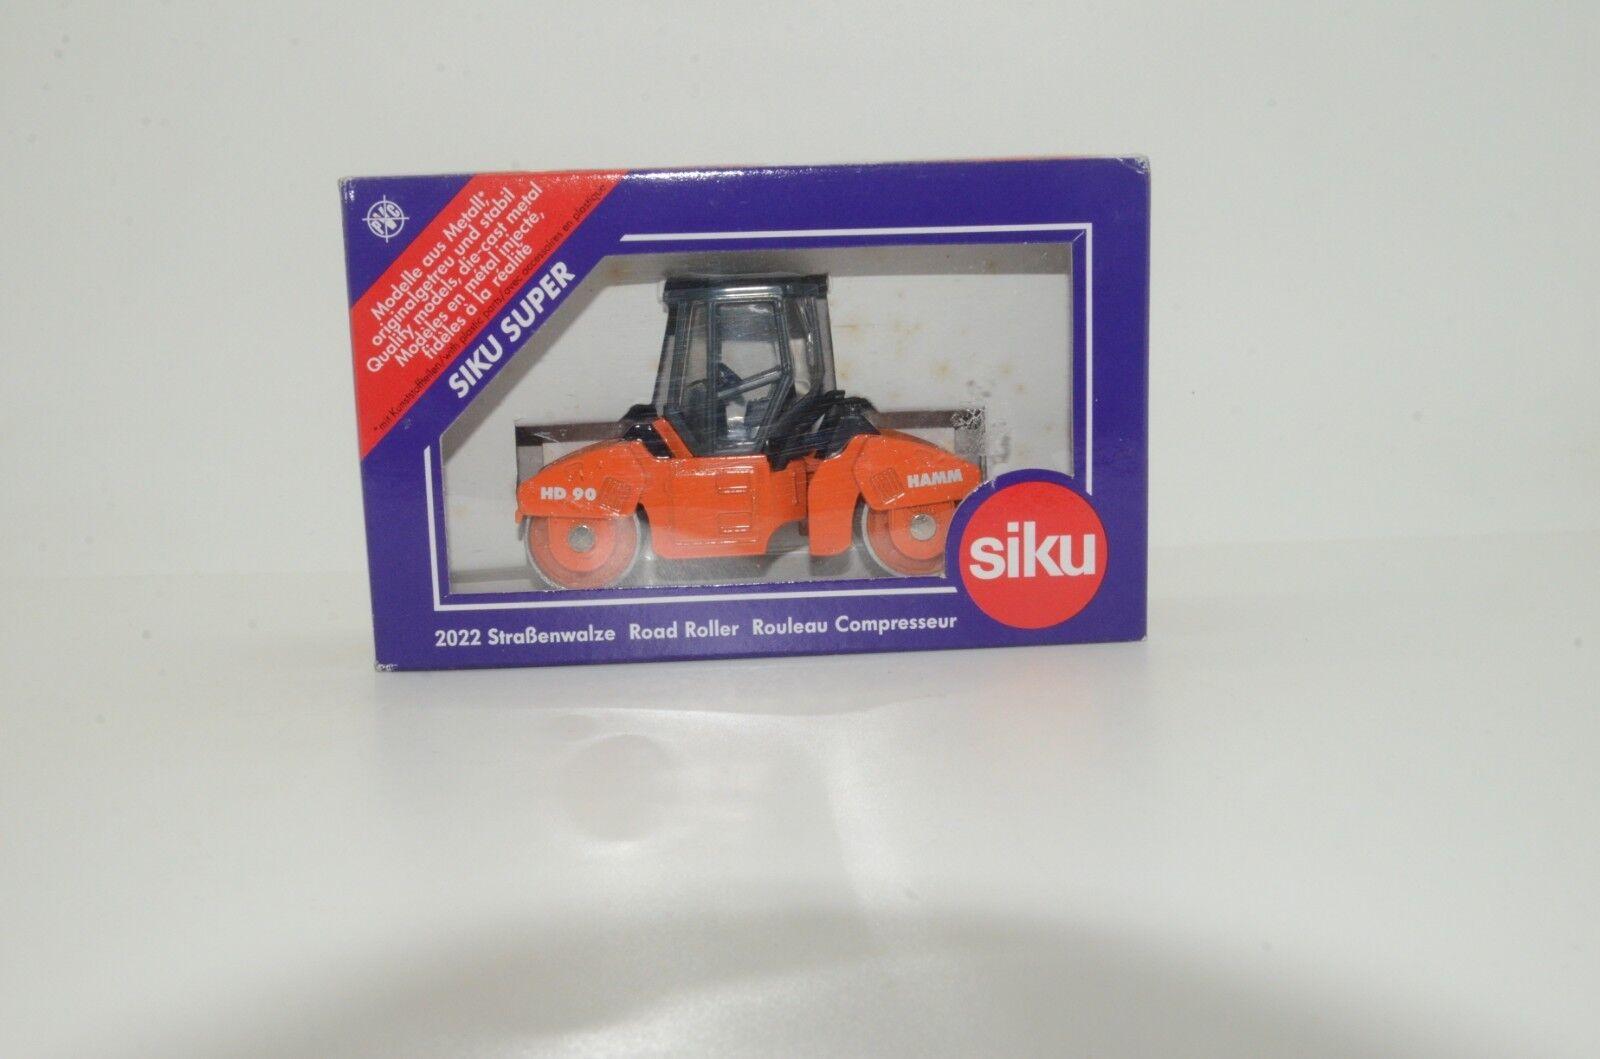 RARE      Strasenwalze Road Roller Rouleau Compresseur Siku 2022 1e671e